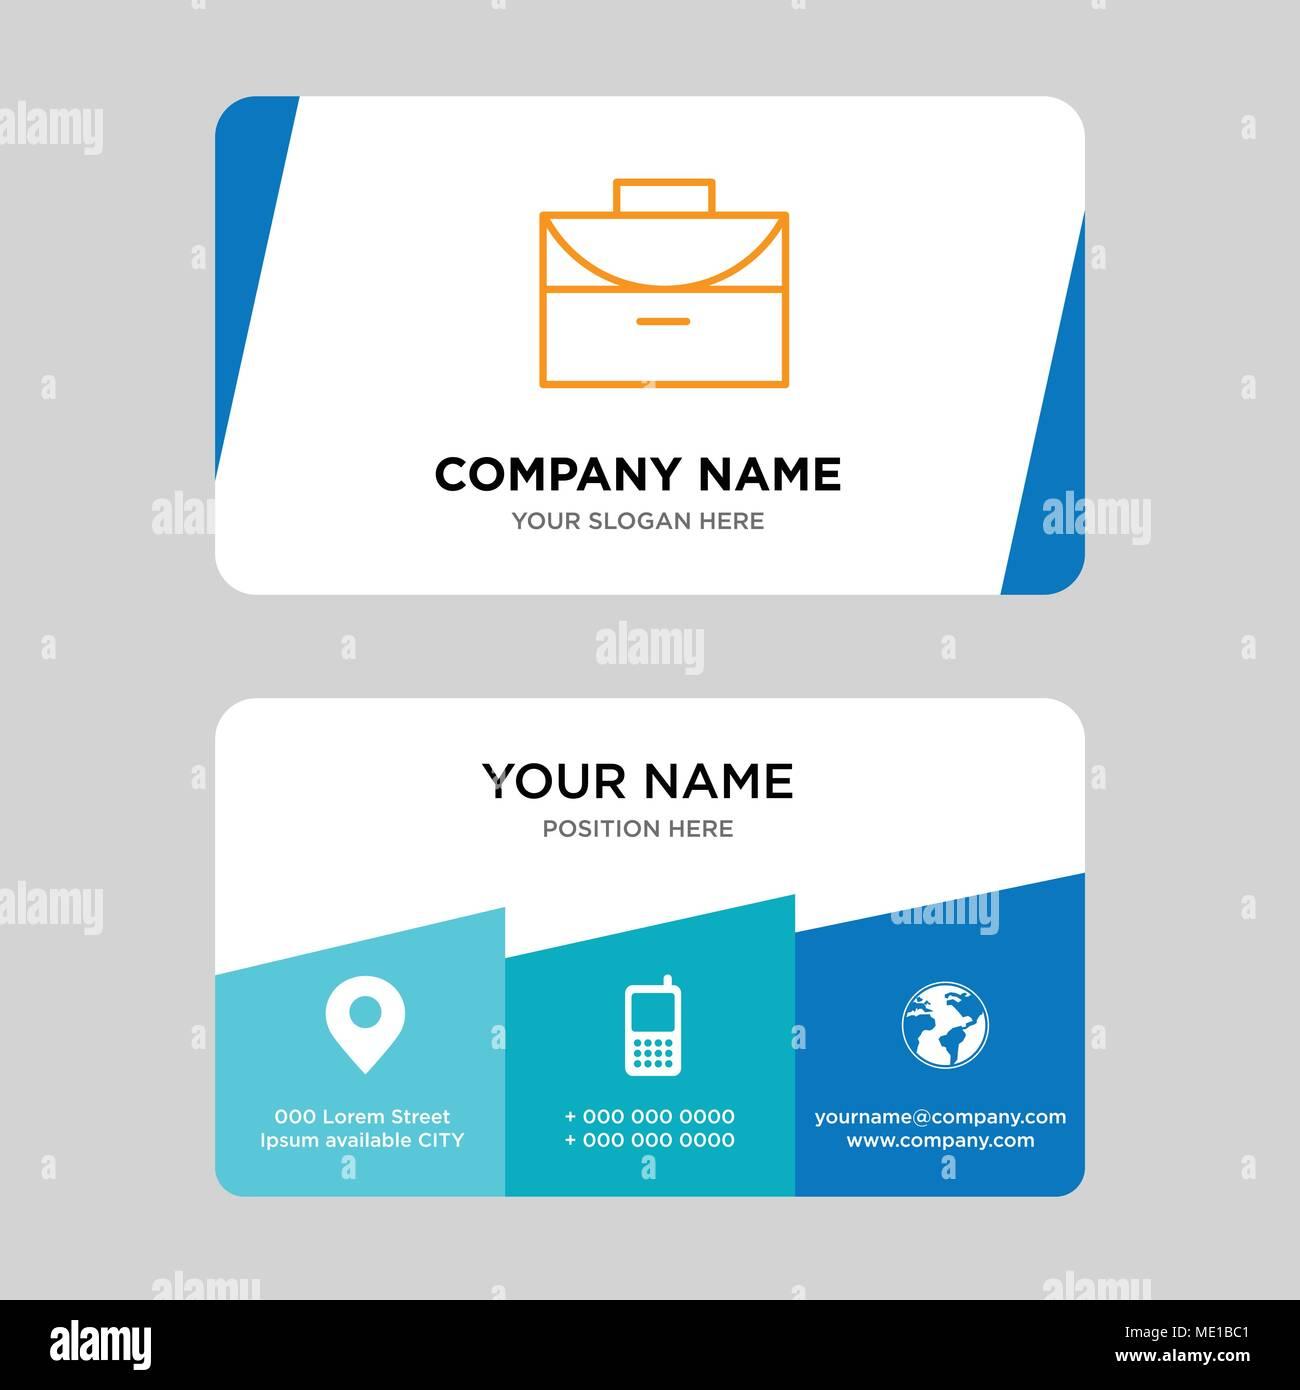 Porte Documents De Bureau Carte Visite Modle Conception Pour Votre Entreprise Crative Et Moderne Didentit Propre Vector Illustration